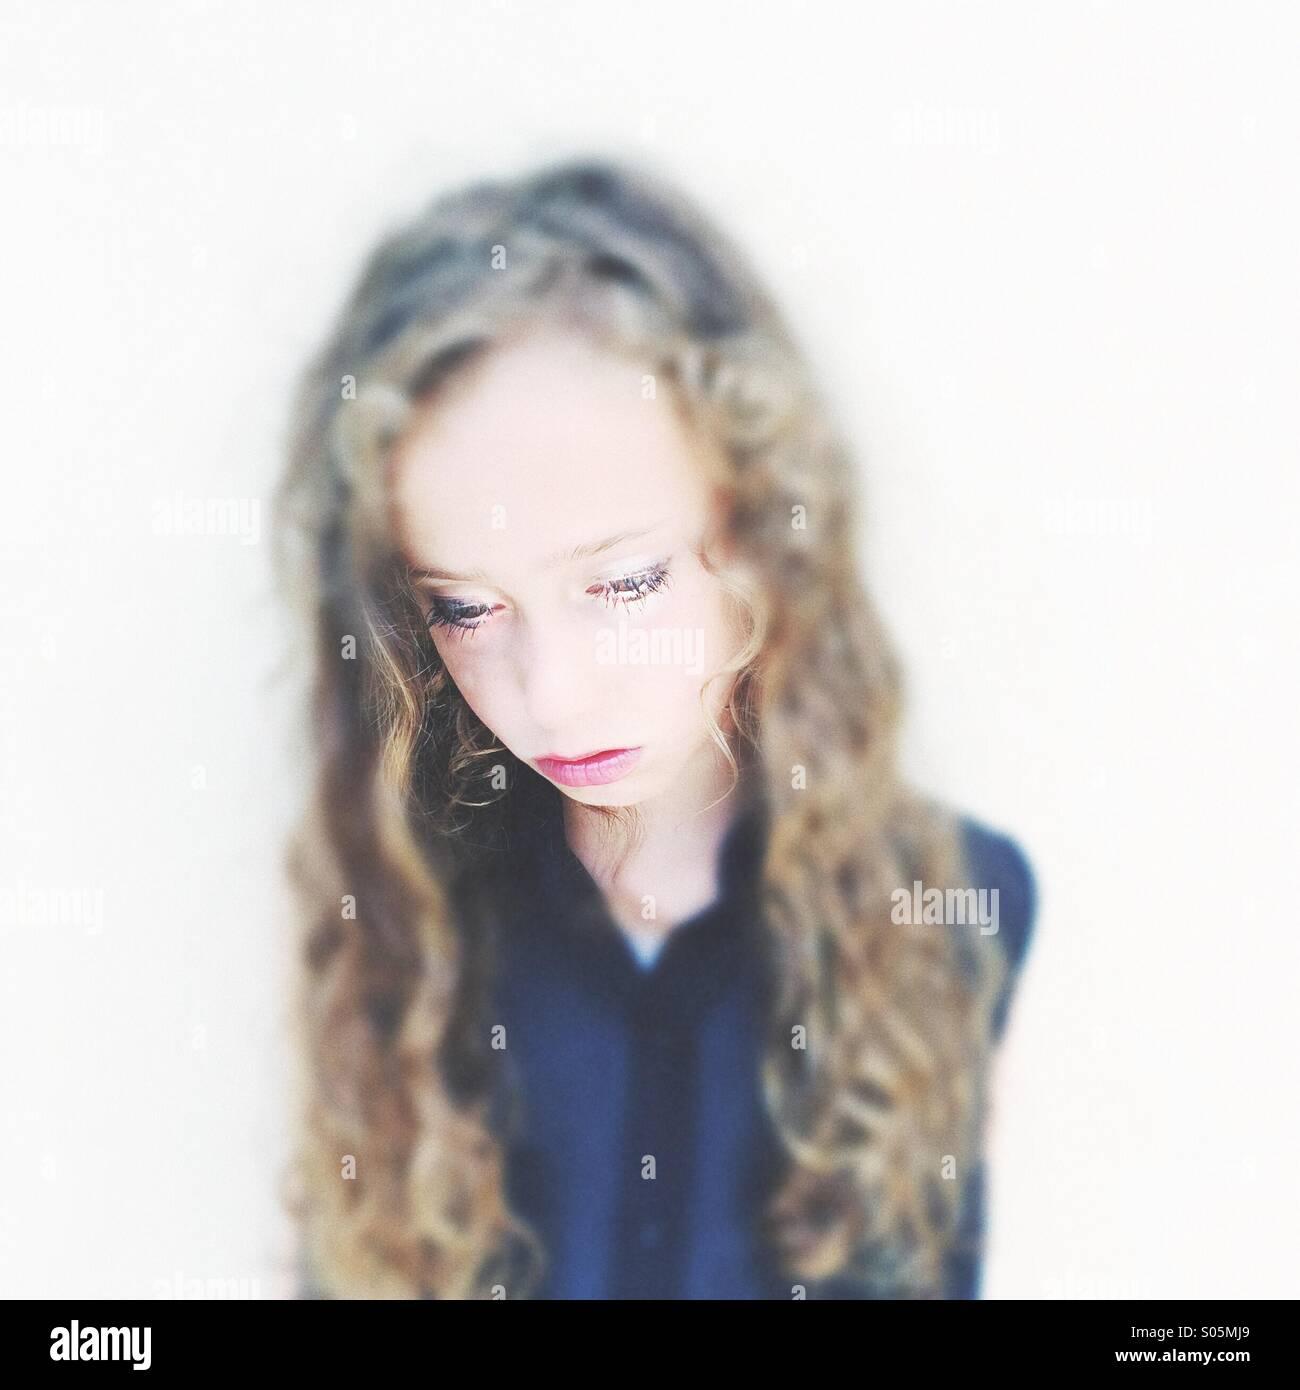 Chica siete ocho mirando triste y solitaria Imagen De Stock